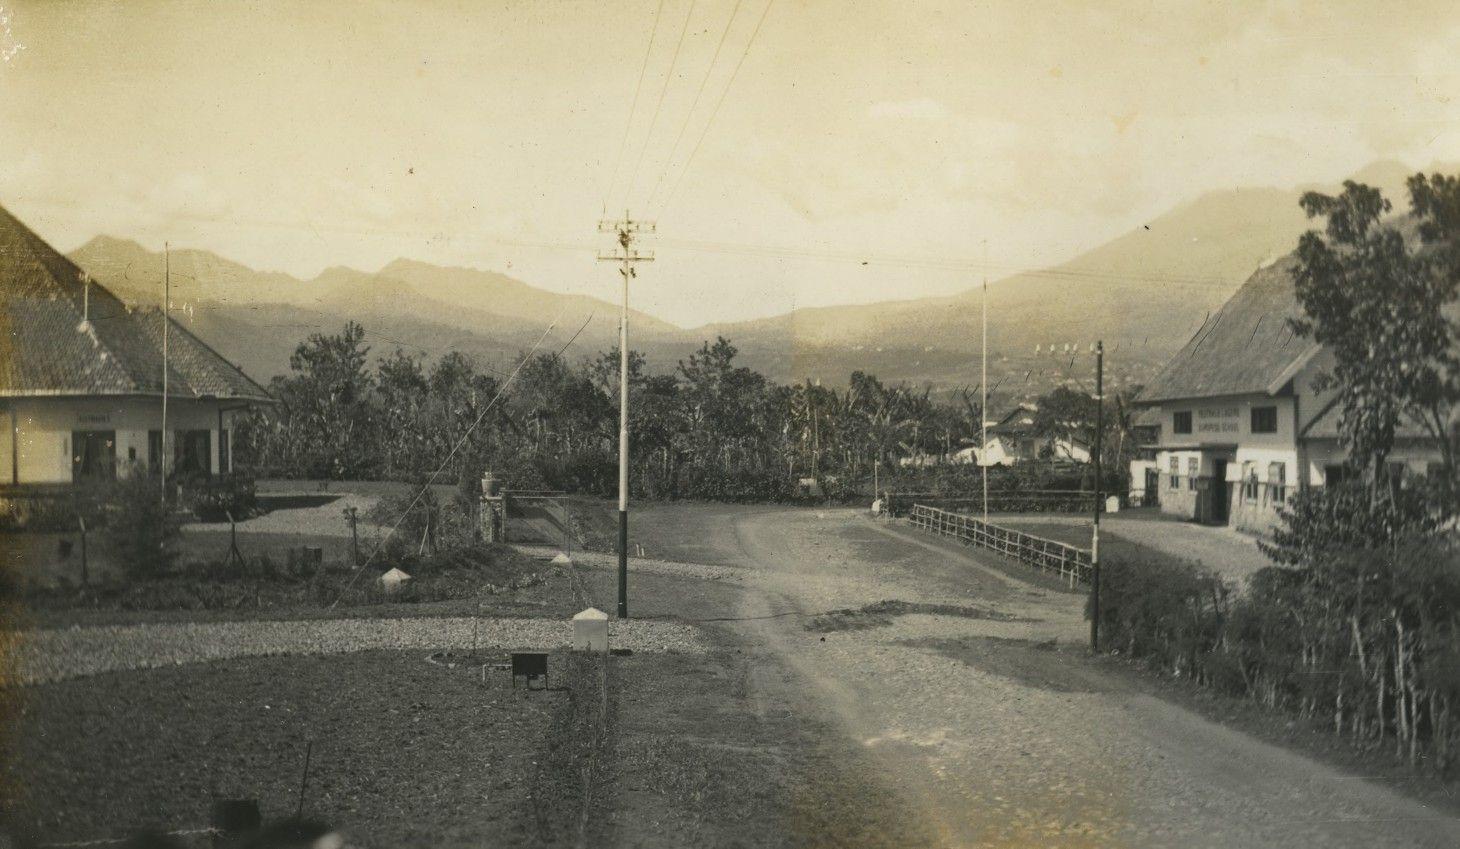 Pemandangan Jalan Dengan Sekolah Keagamaan Di Sebelah Kanan Di Kota Rantepao Tana Toraja Sulawesi Selatan Sekitar Tahun 1940 Kitlv Leiden Di 2020 Pemandangan